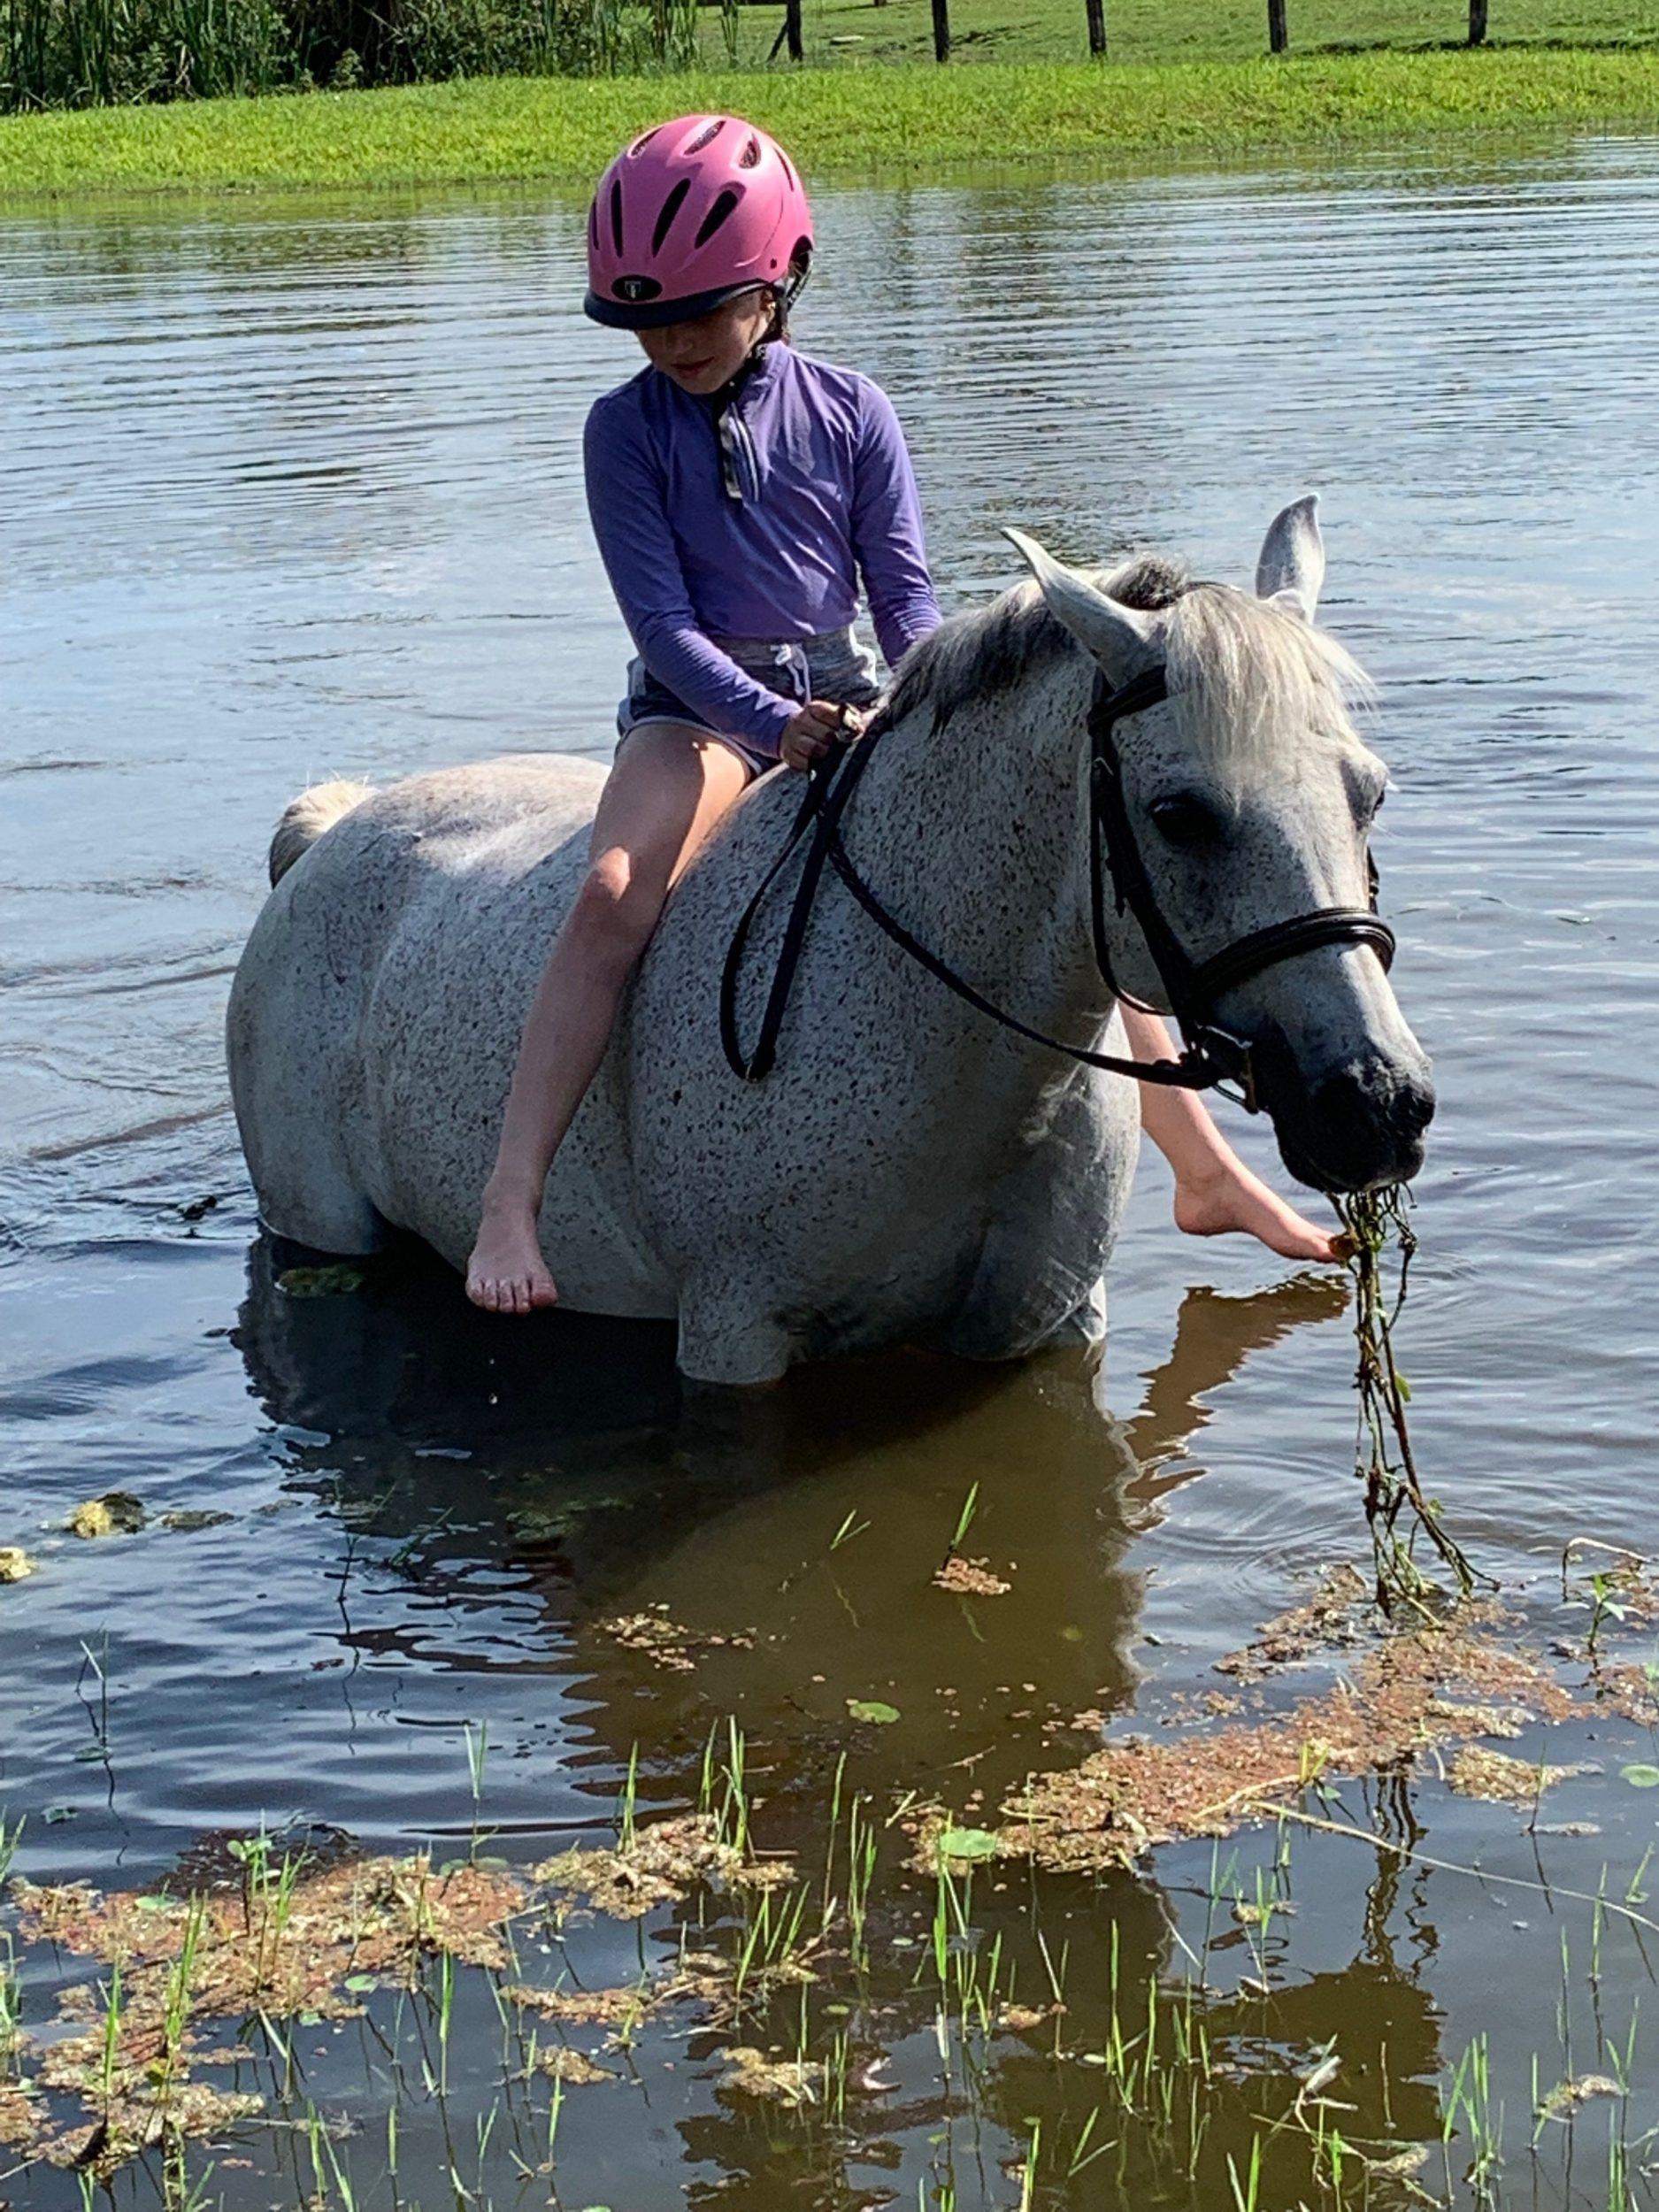 calmimg lavender helps Whimsy enjoy her swim